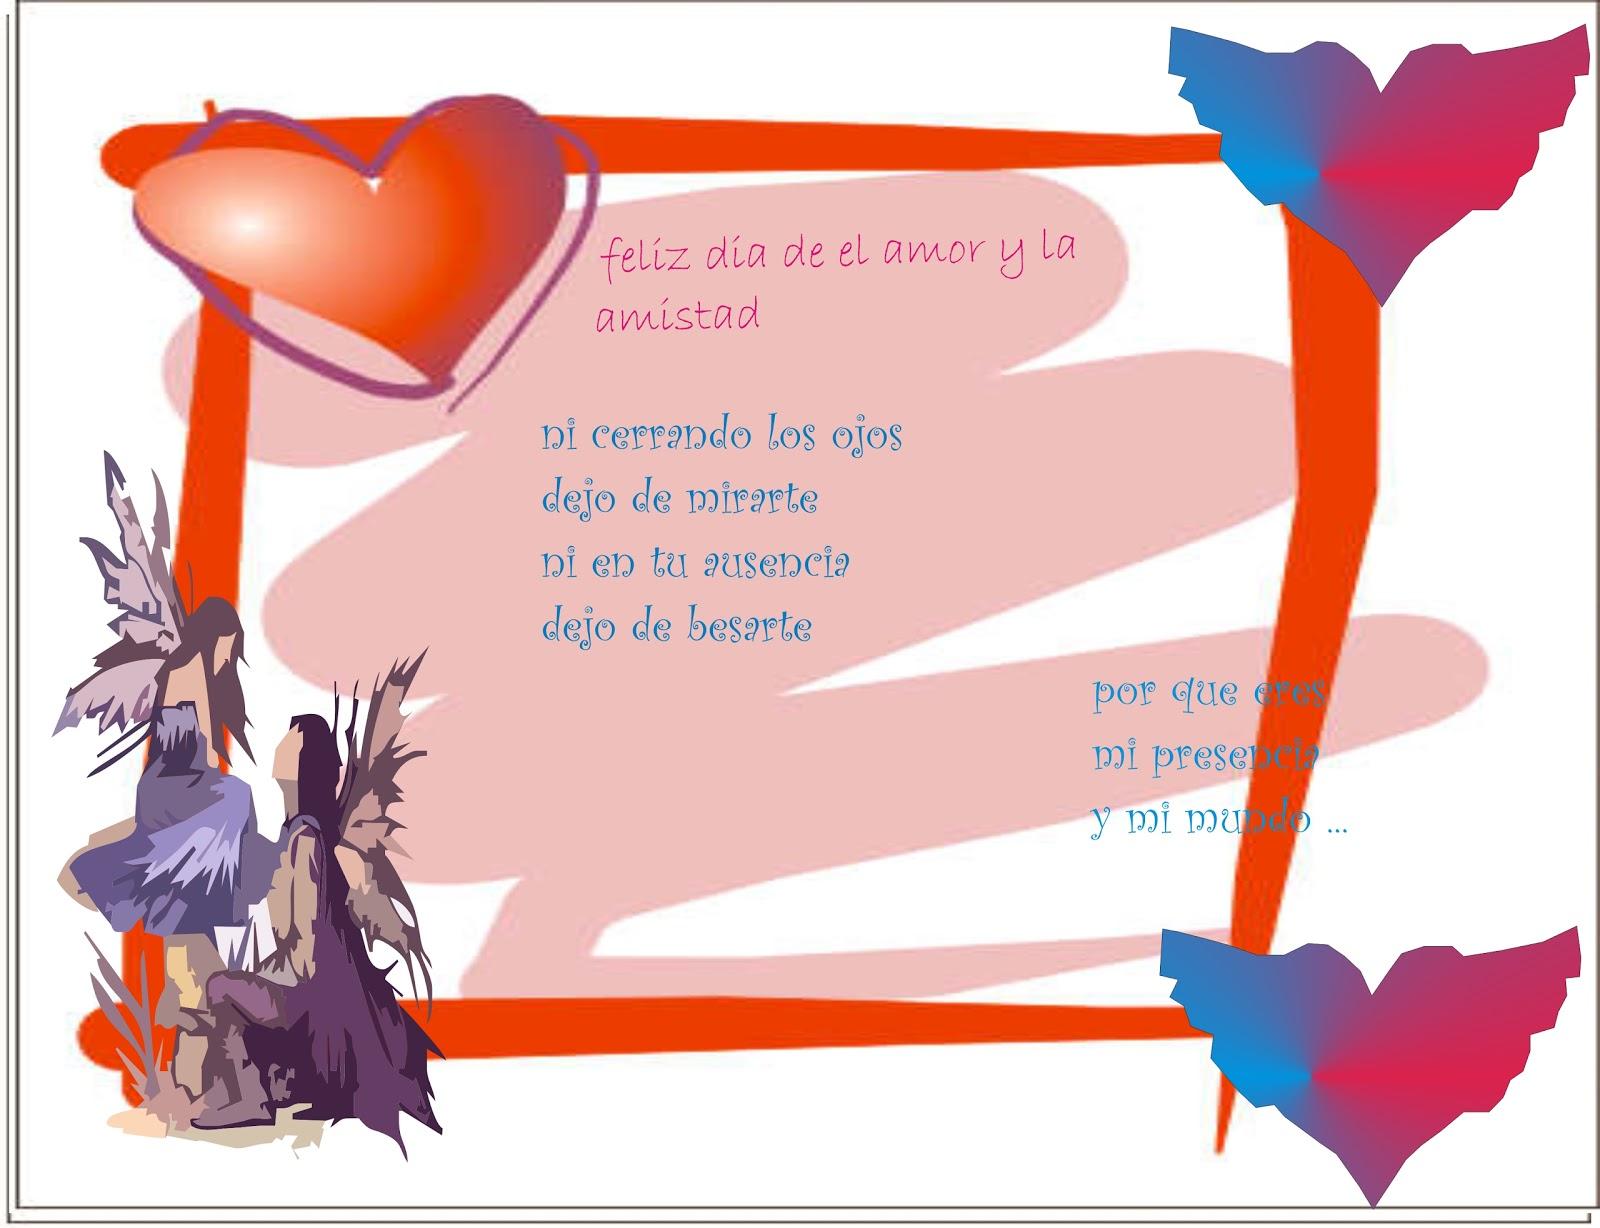 Imagenes de amor y amistad con frases bonitas gratis  - Imagenes De Amor Amistad